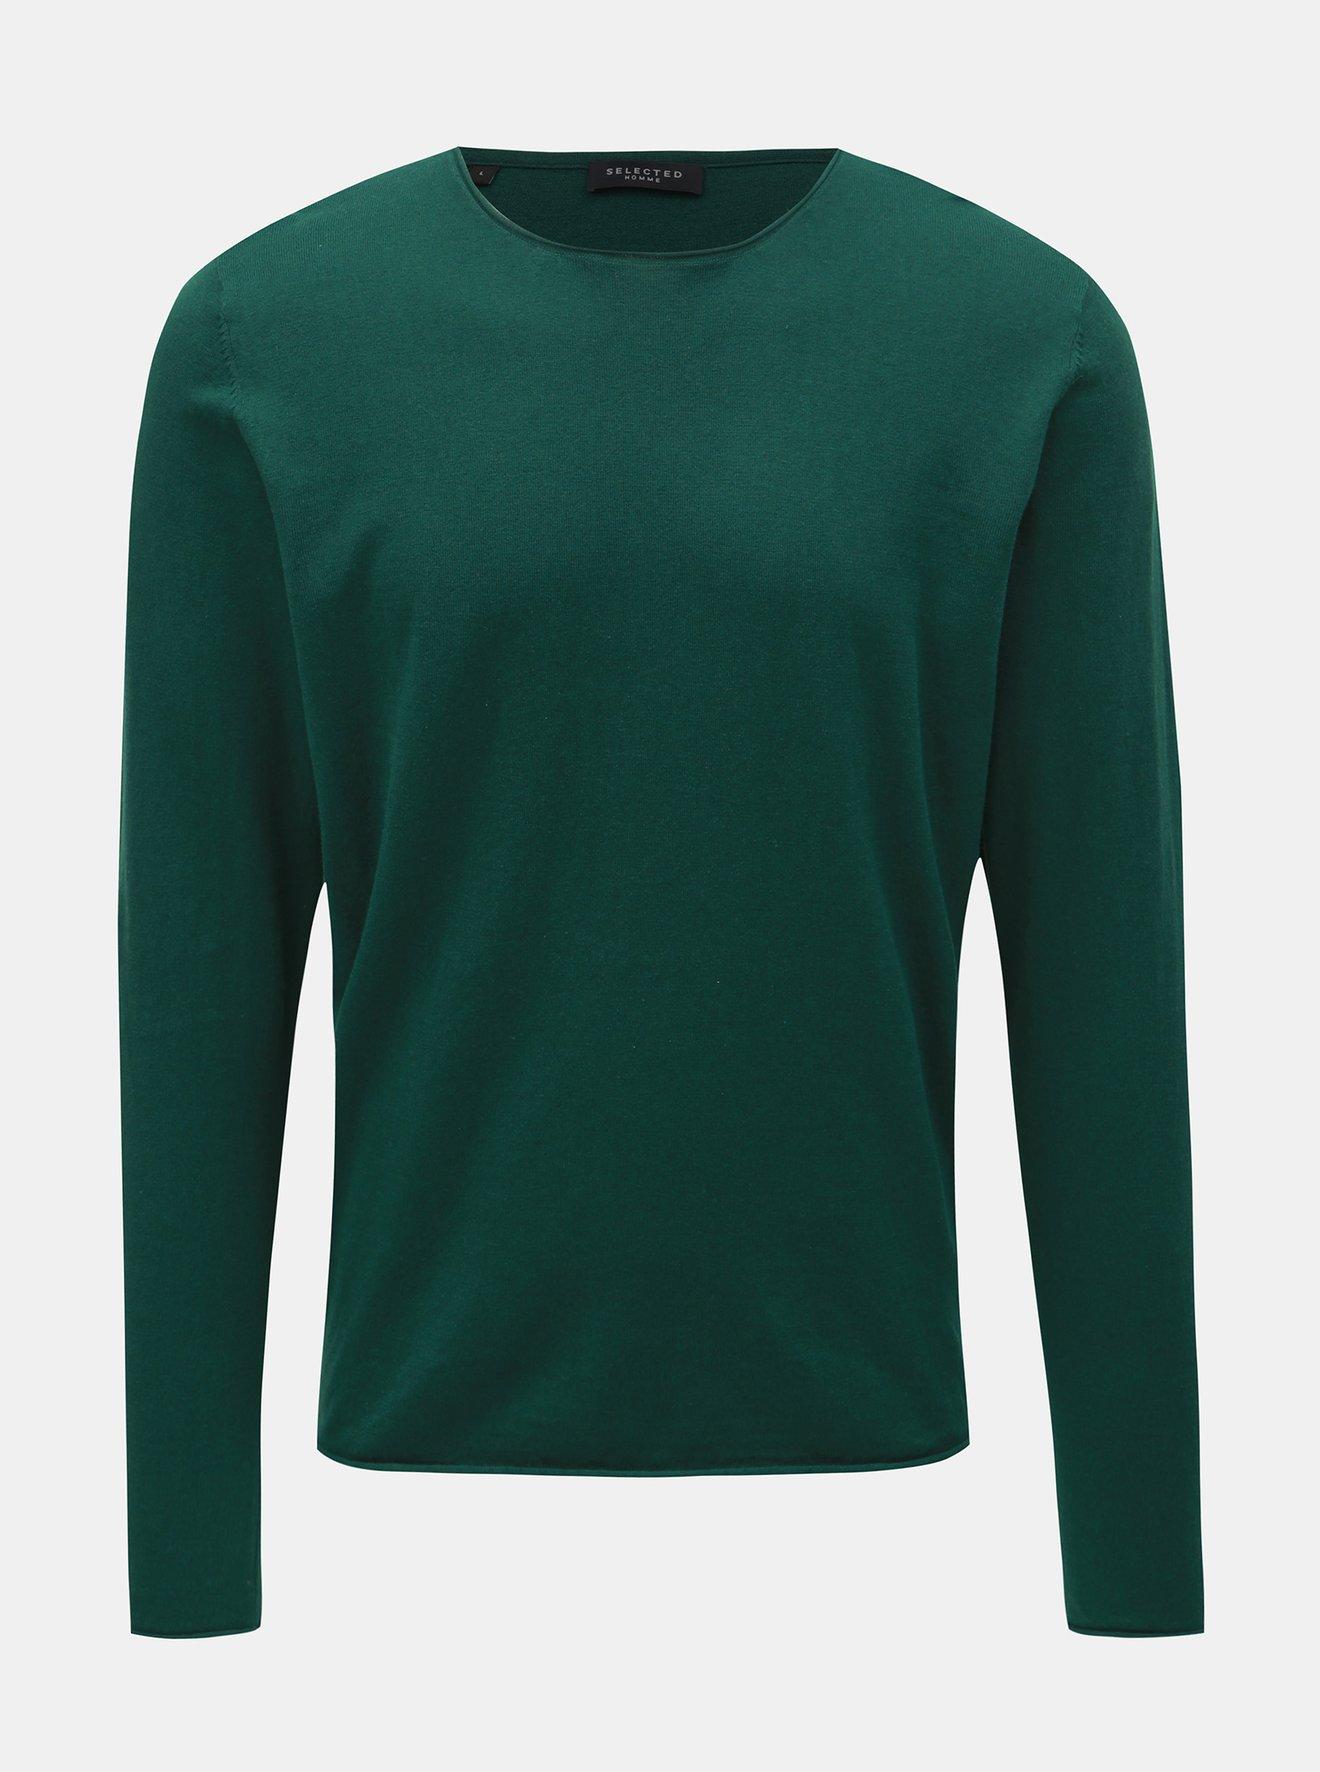 Zelený svetr s příměsí hedvábí Selected Homme Dome